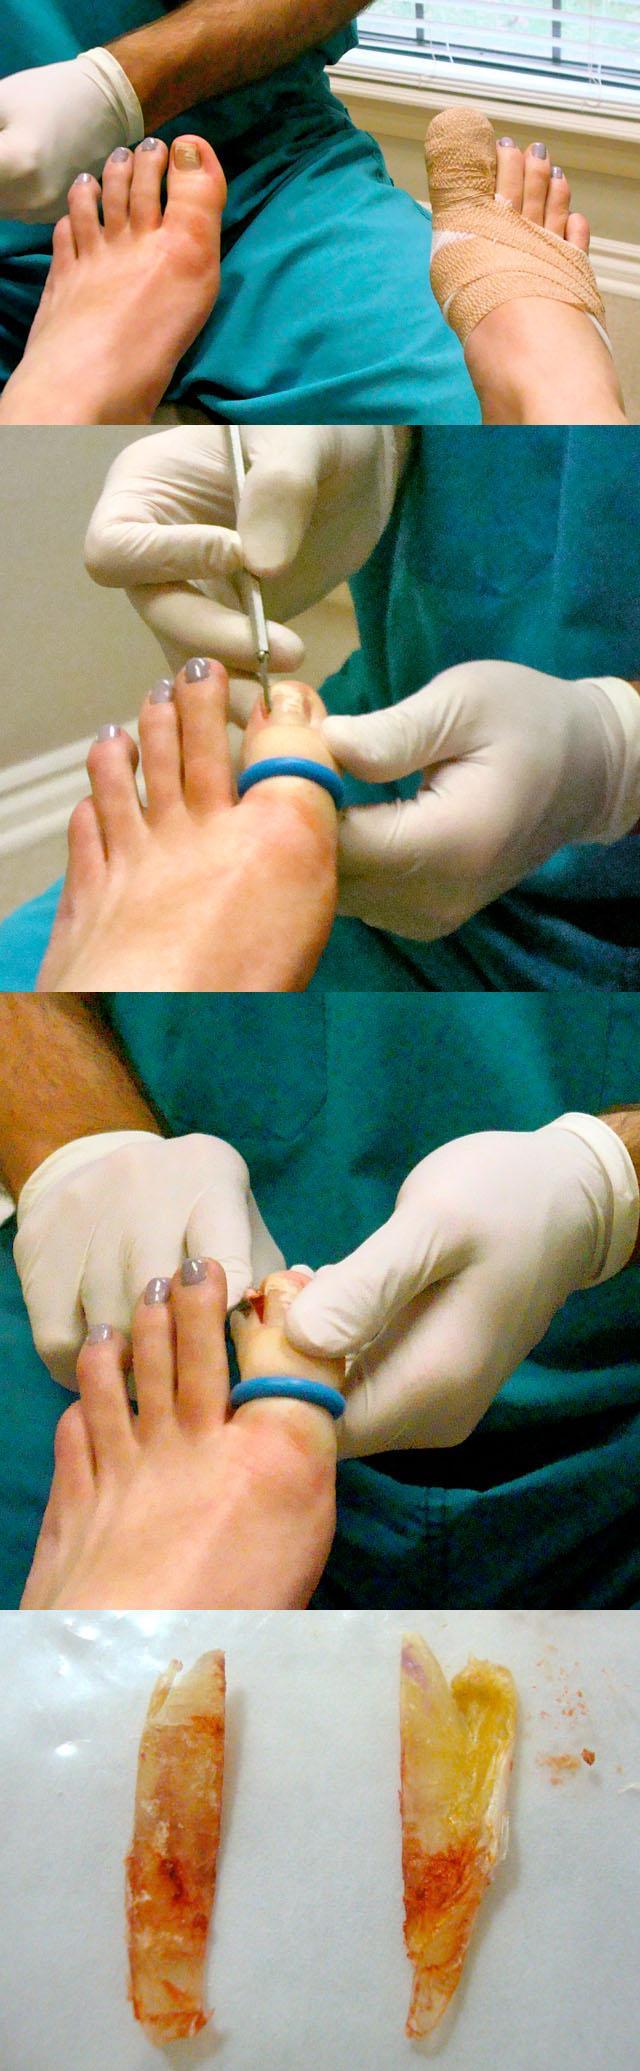 Ломаются ногти причины и лечение